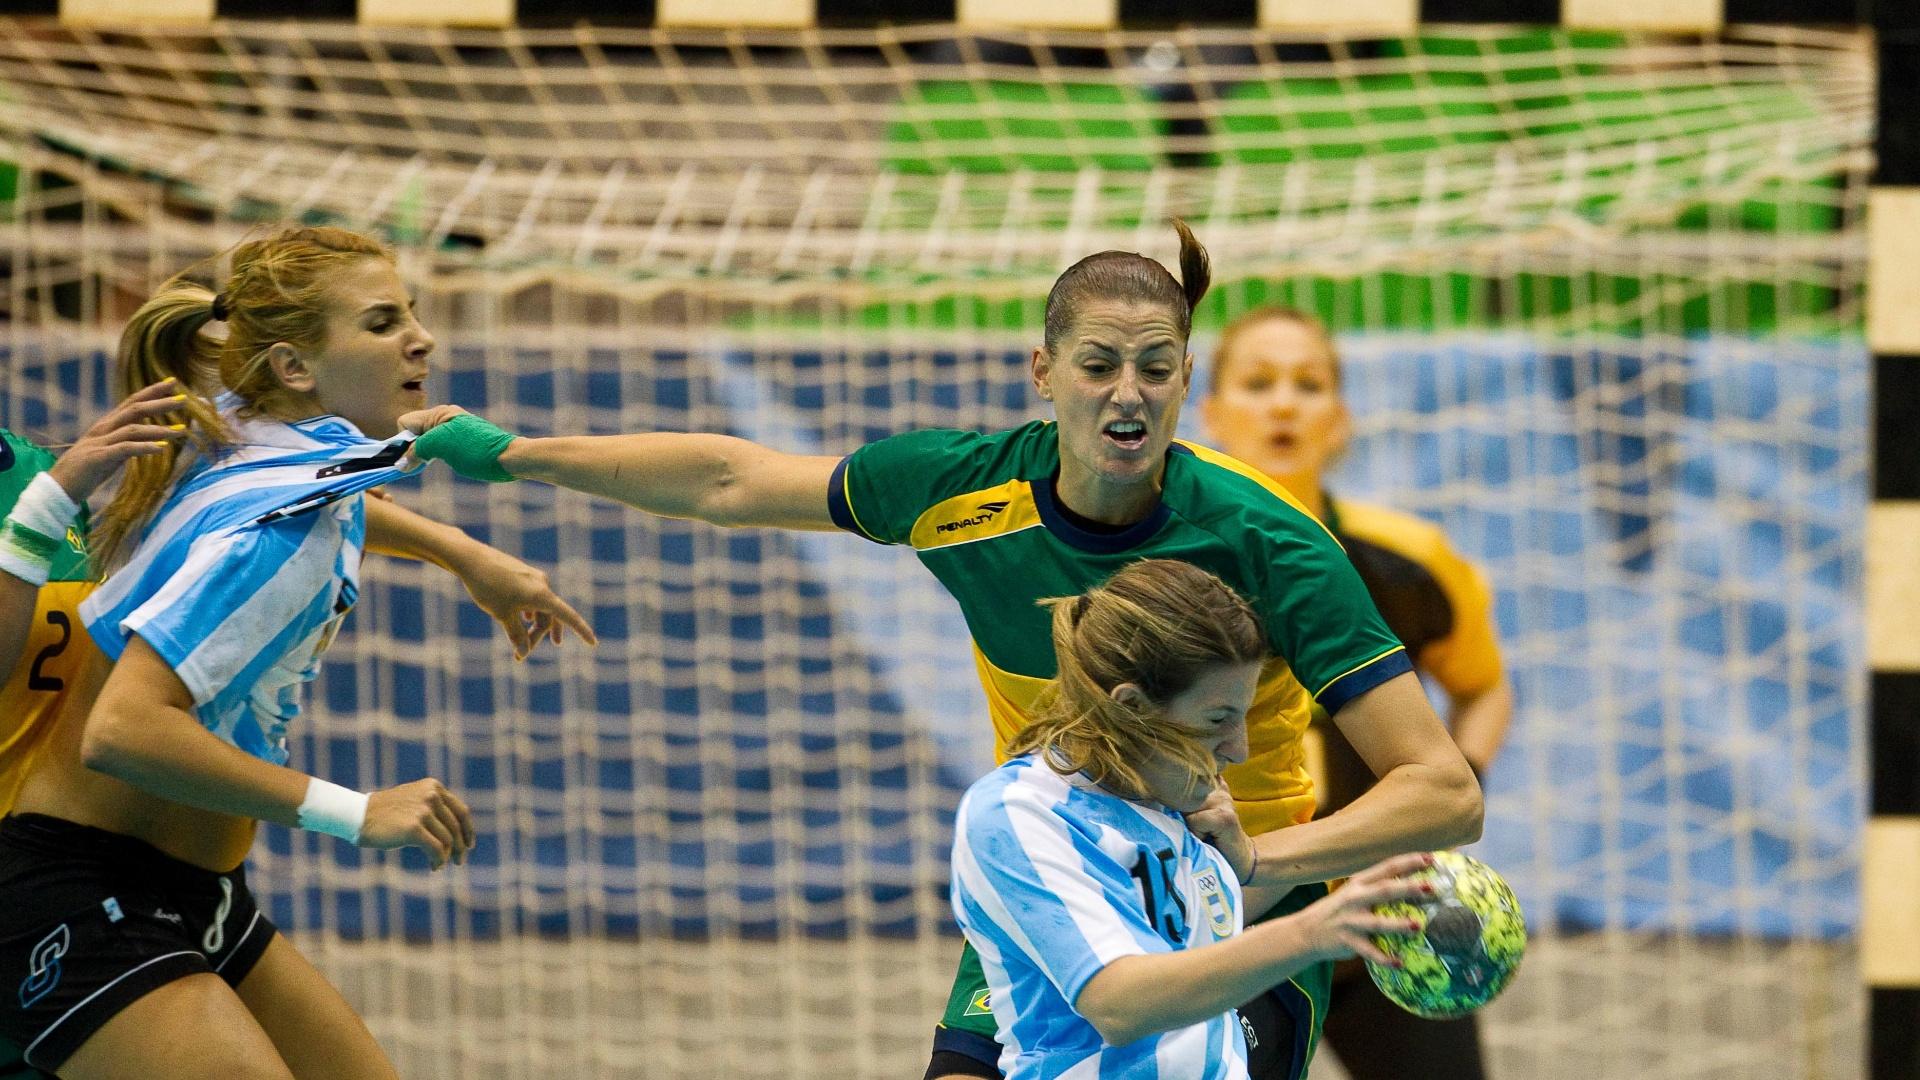 Duda Amorim puxa as argentinas Antonela Mena e Silvana Totolo pela camisa ao mesmo tempo na vitória brasileira na final do handebol feminino (23/10/2011)